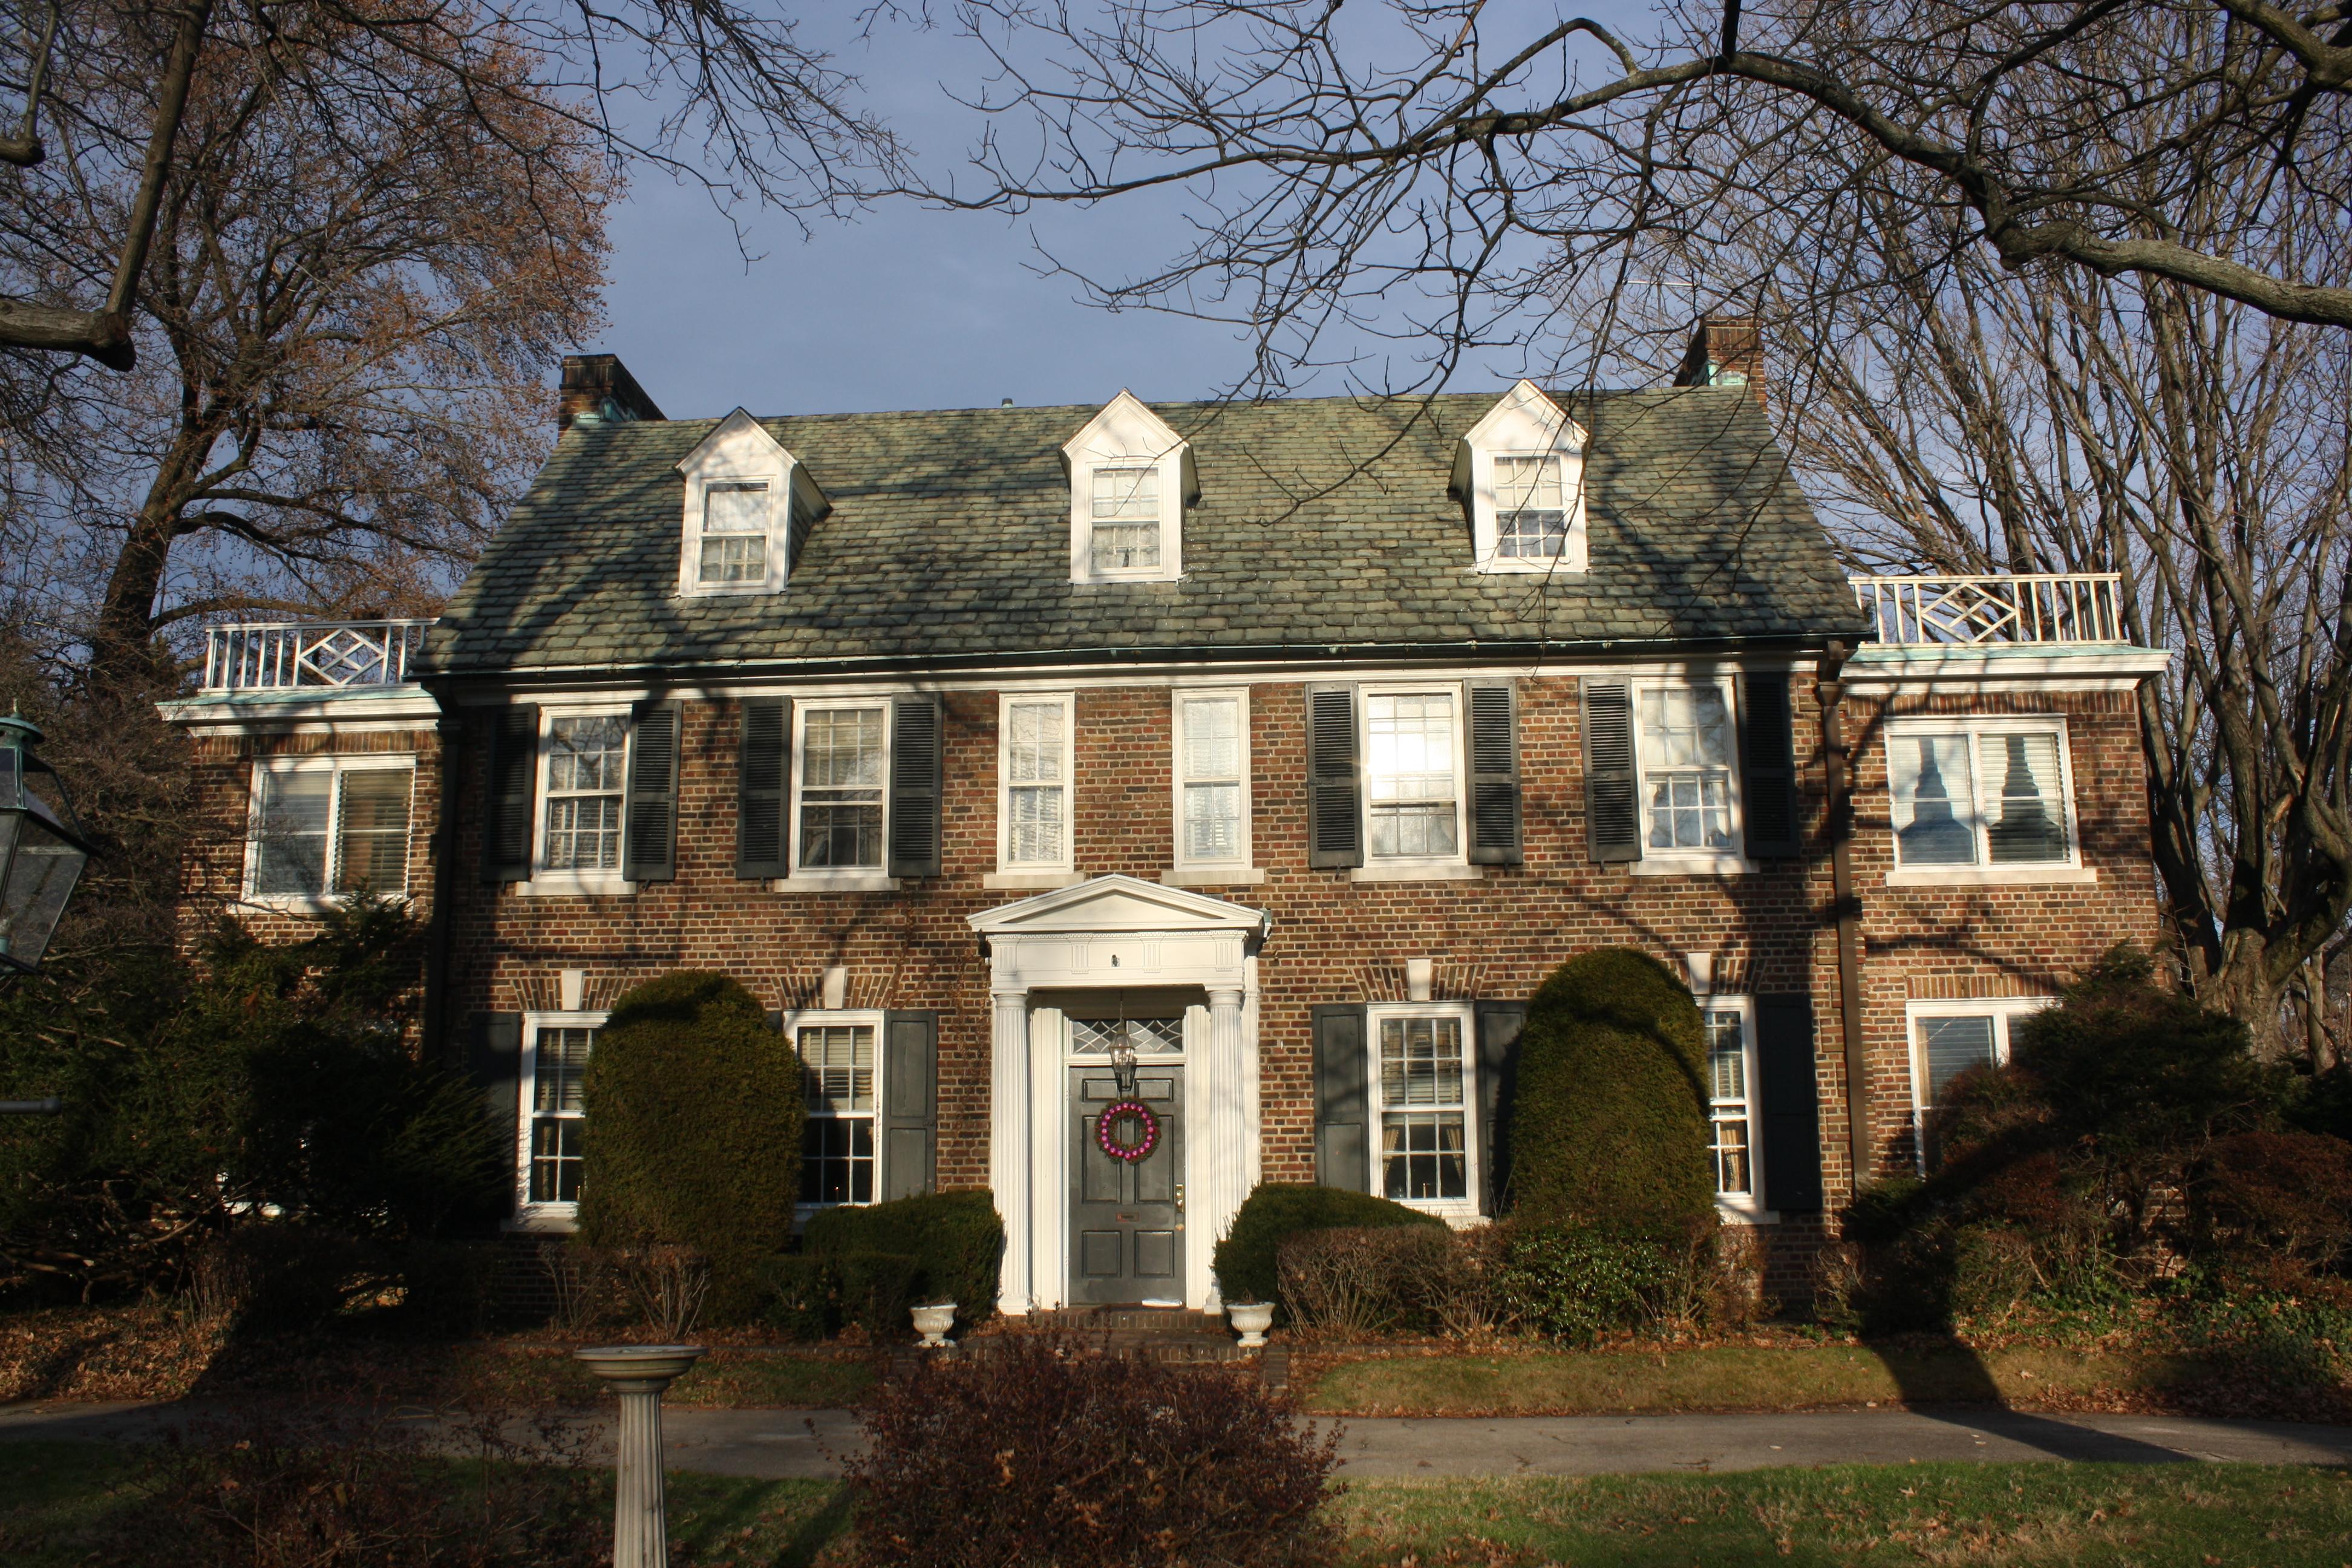 The_Kelly_Family_House_in_East_Falls,_Philadelphia